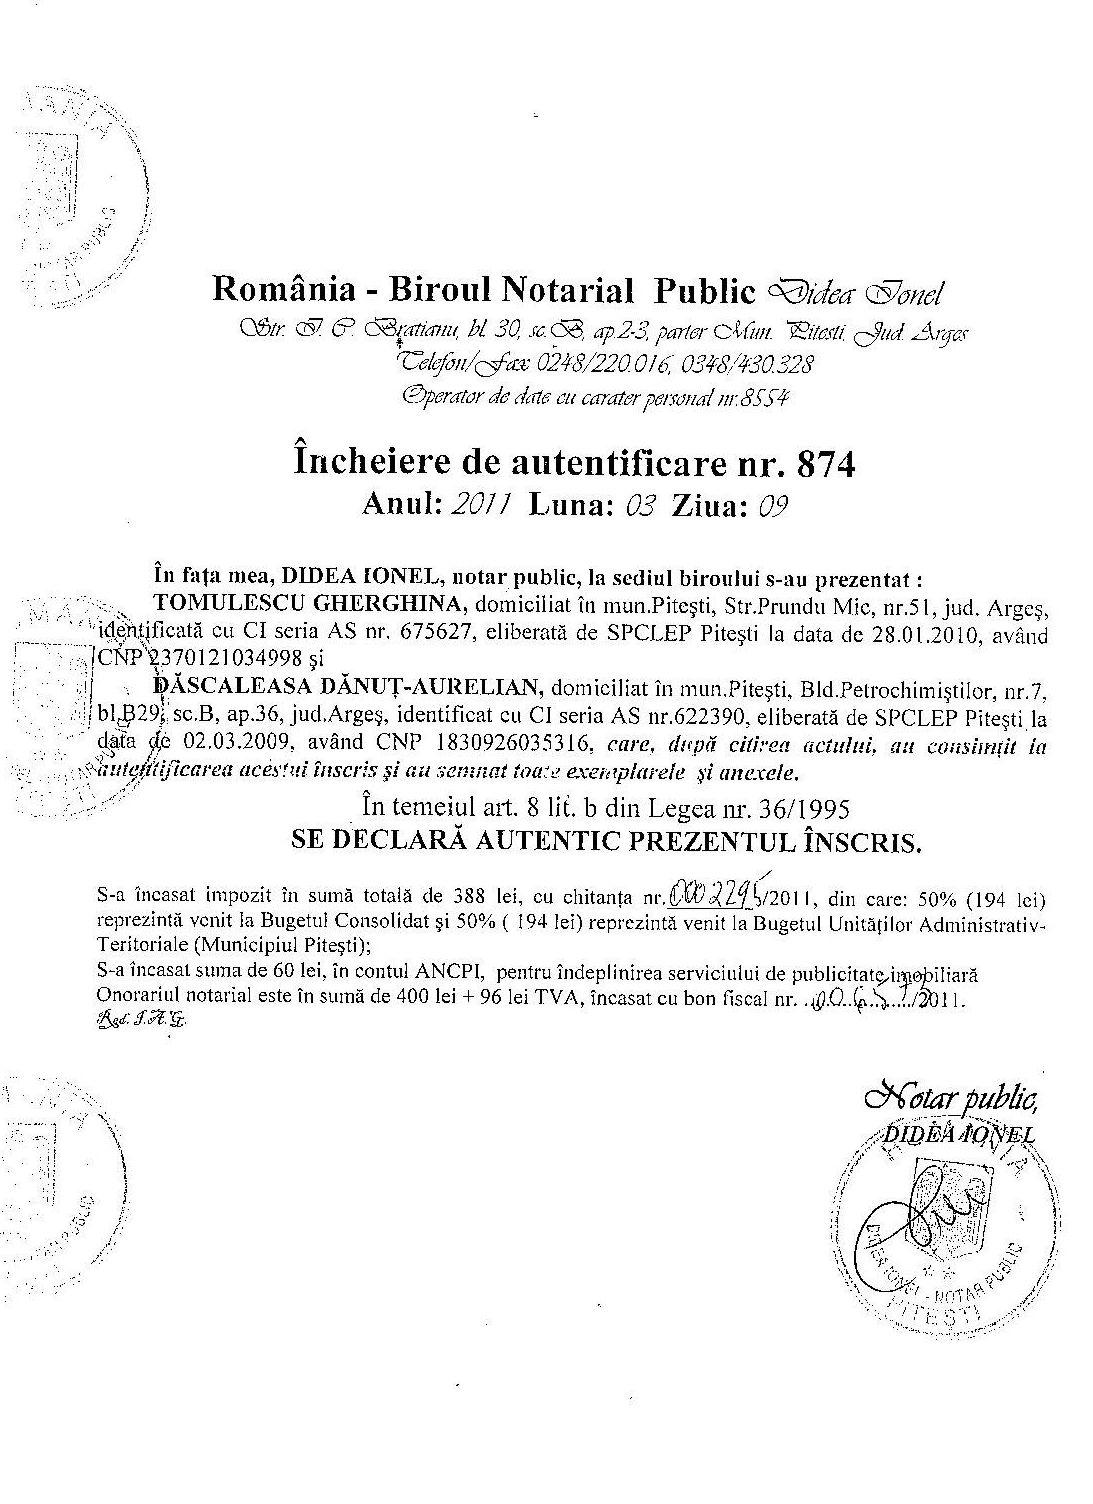 doc2 pag3 _contract fals vanzare-cumparare